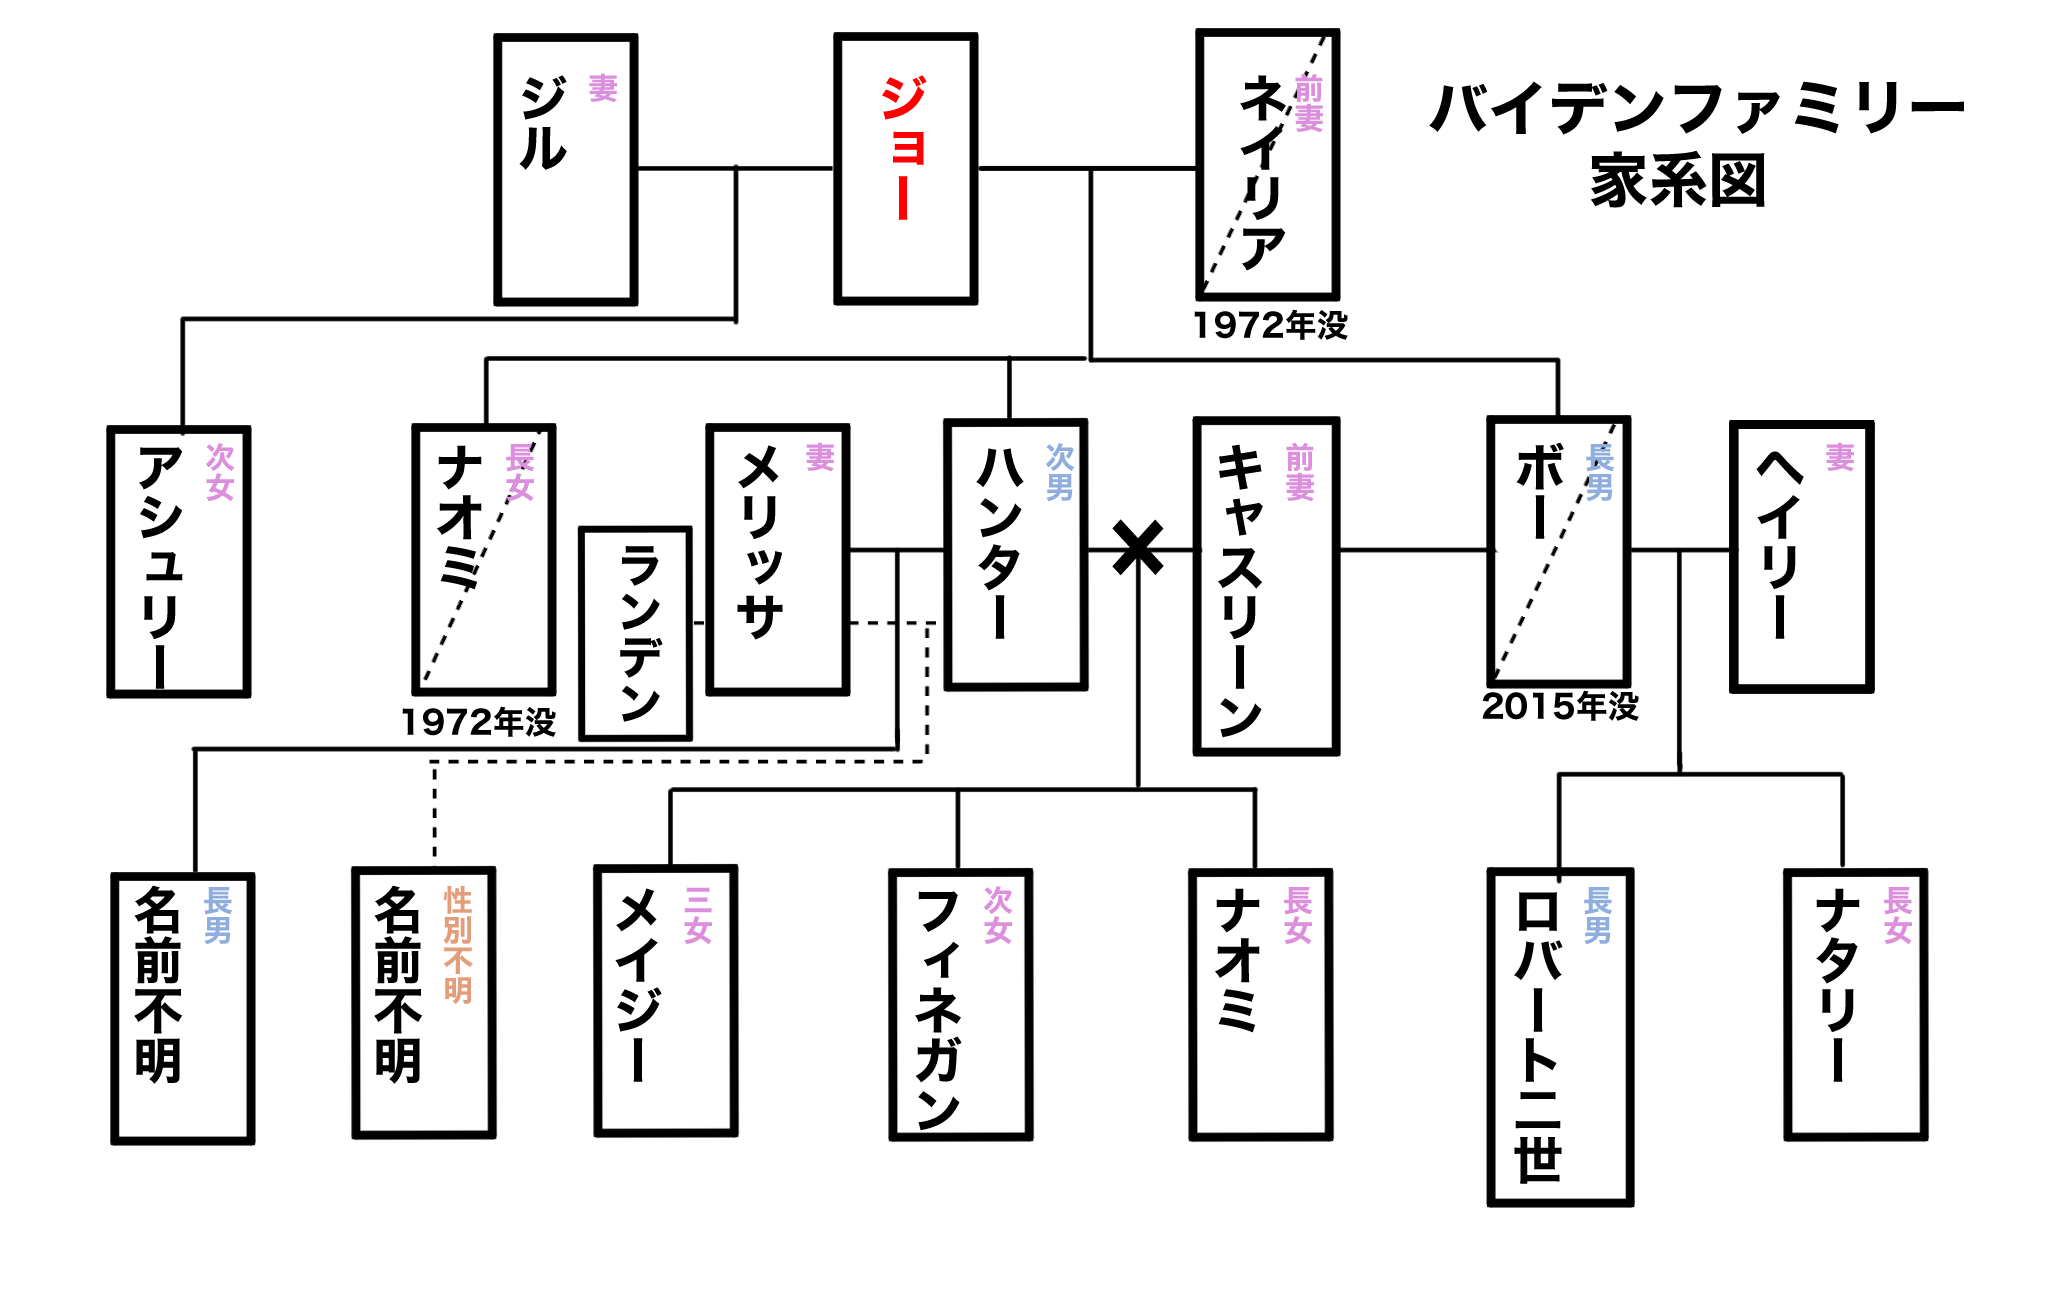 ジョー・バイデンファミリーの家系図